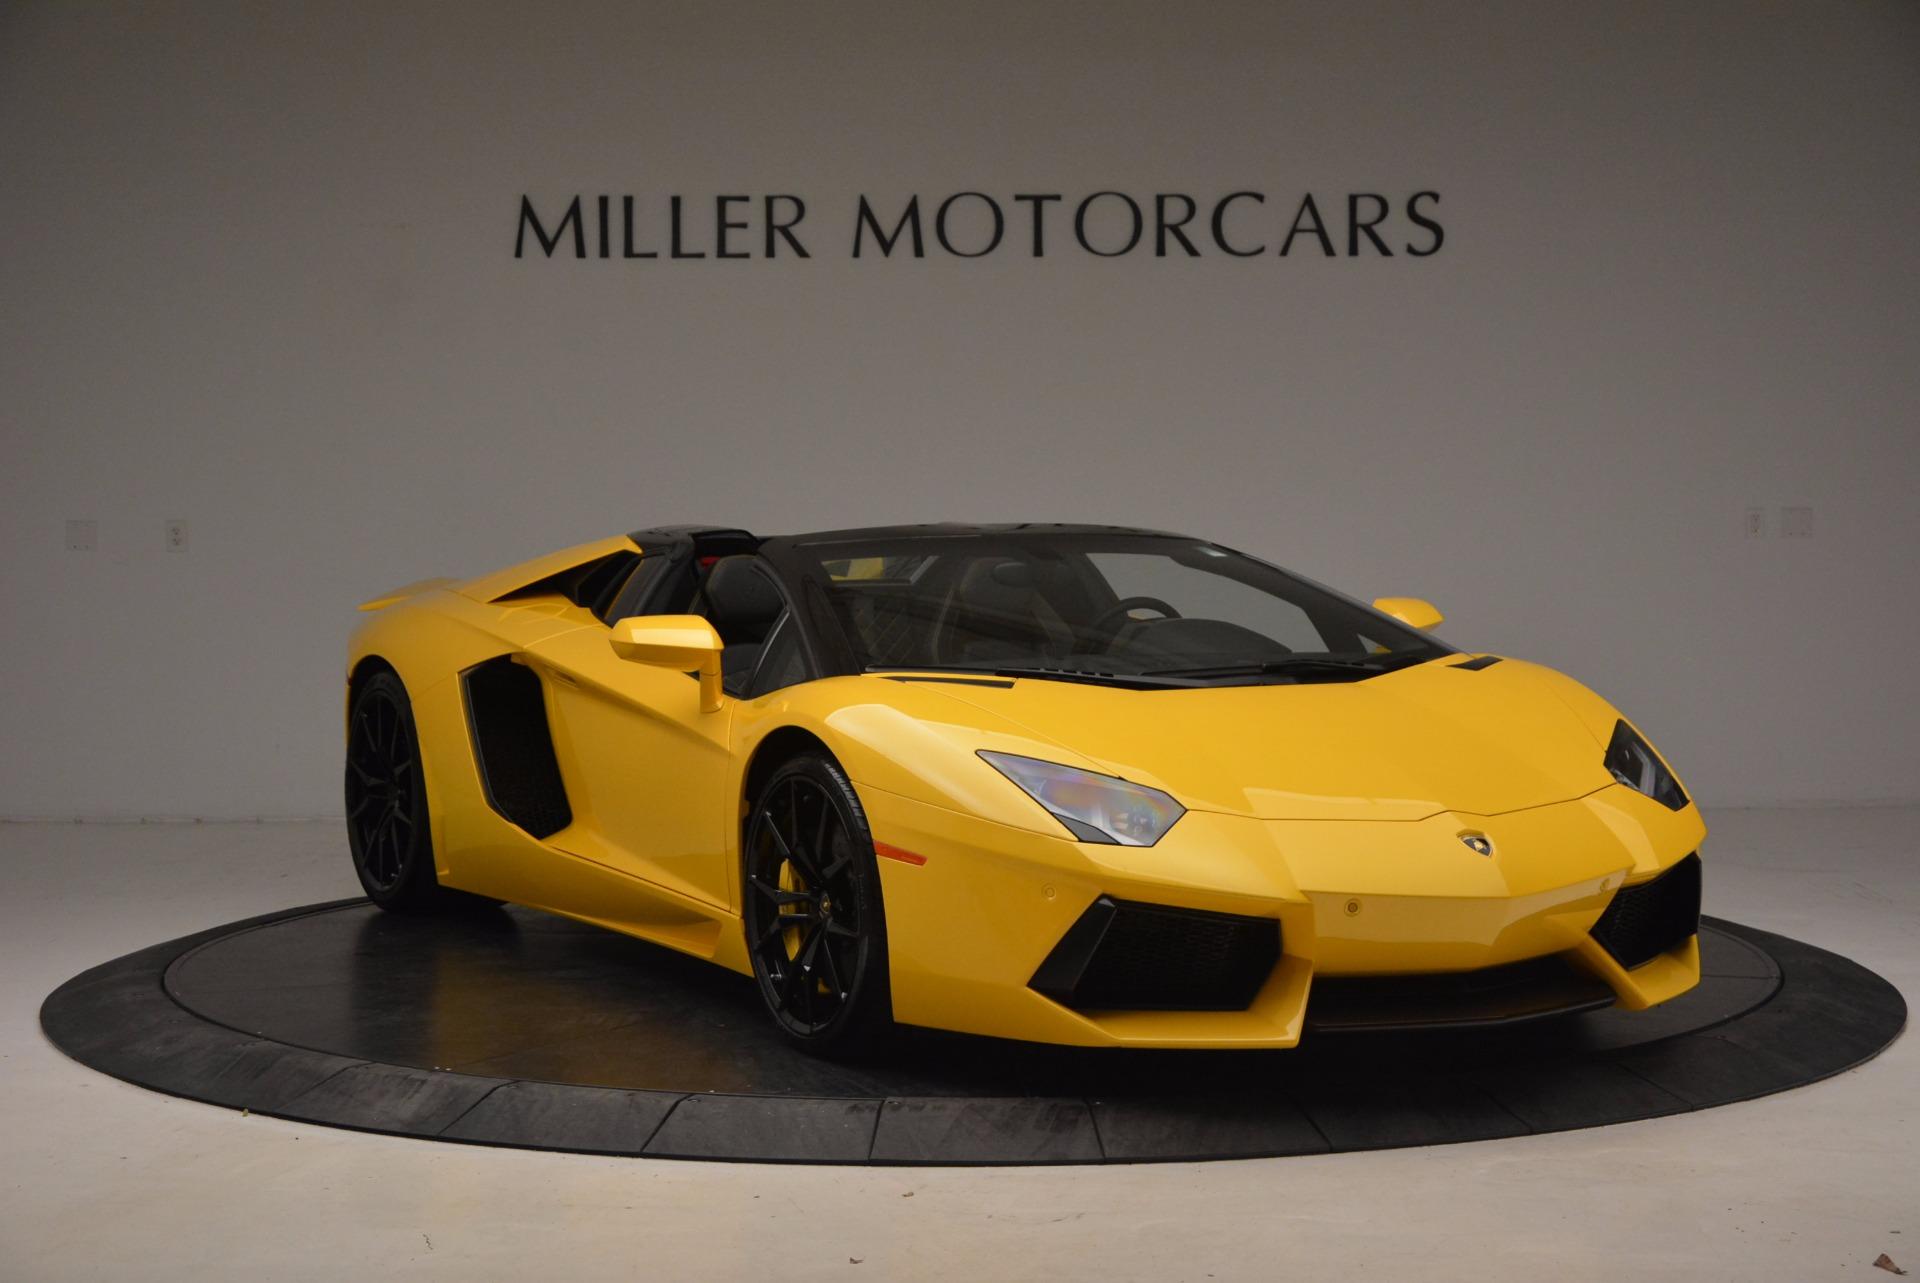 Used 2015 Lamborghini Aventador LP 700-4 Roadster For Sale In Greenwich, CT 1774_p12